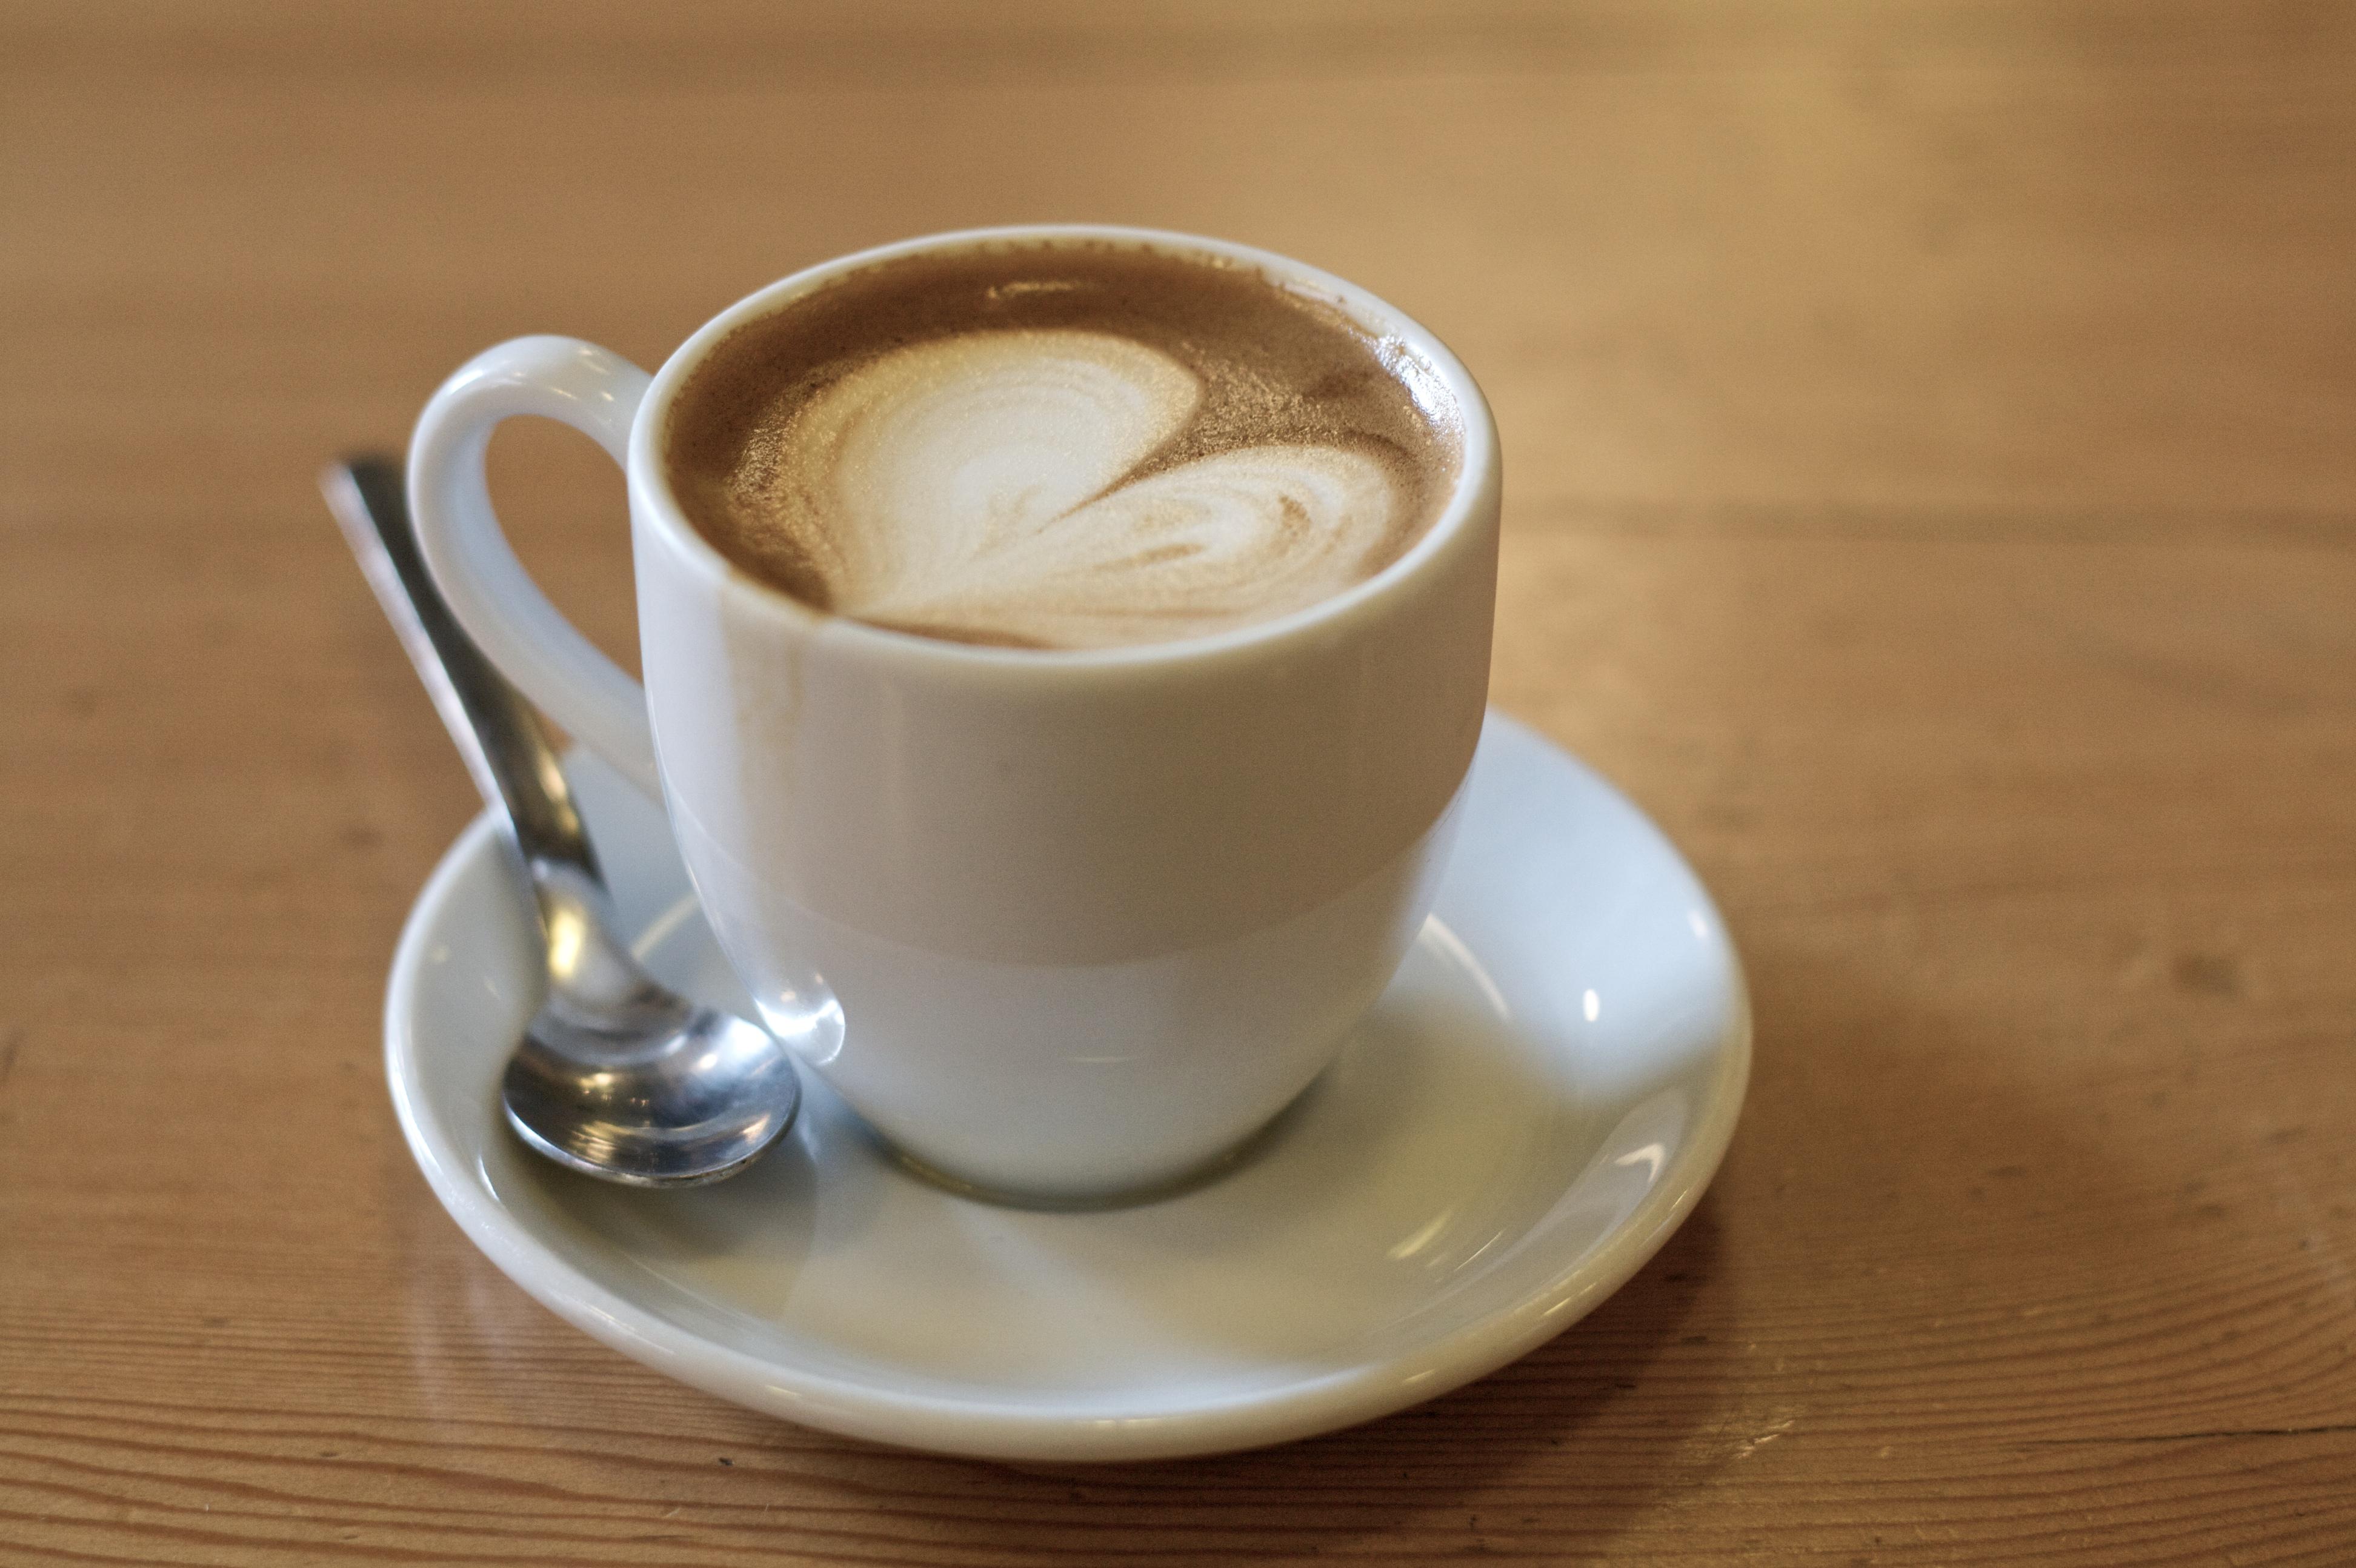 latte macchiato cos 39 ricetta e come preparare latte macchiato. Black Bedroom Furniture Sets. Home Design Ideas